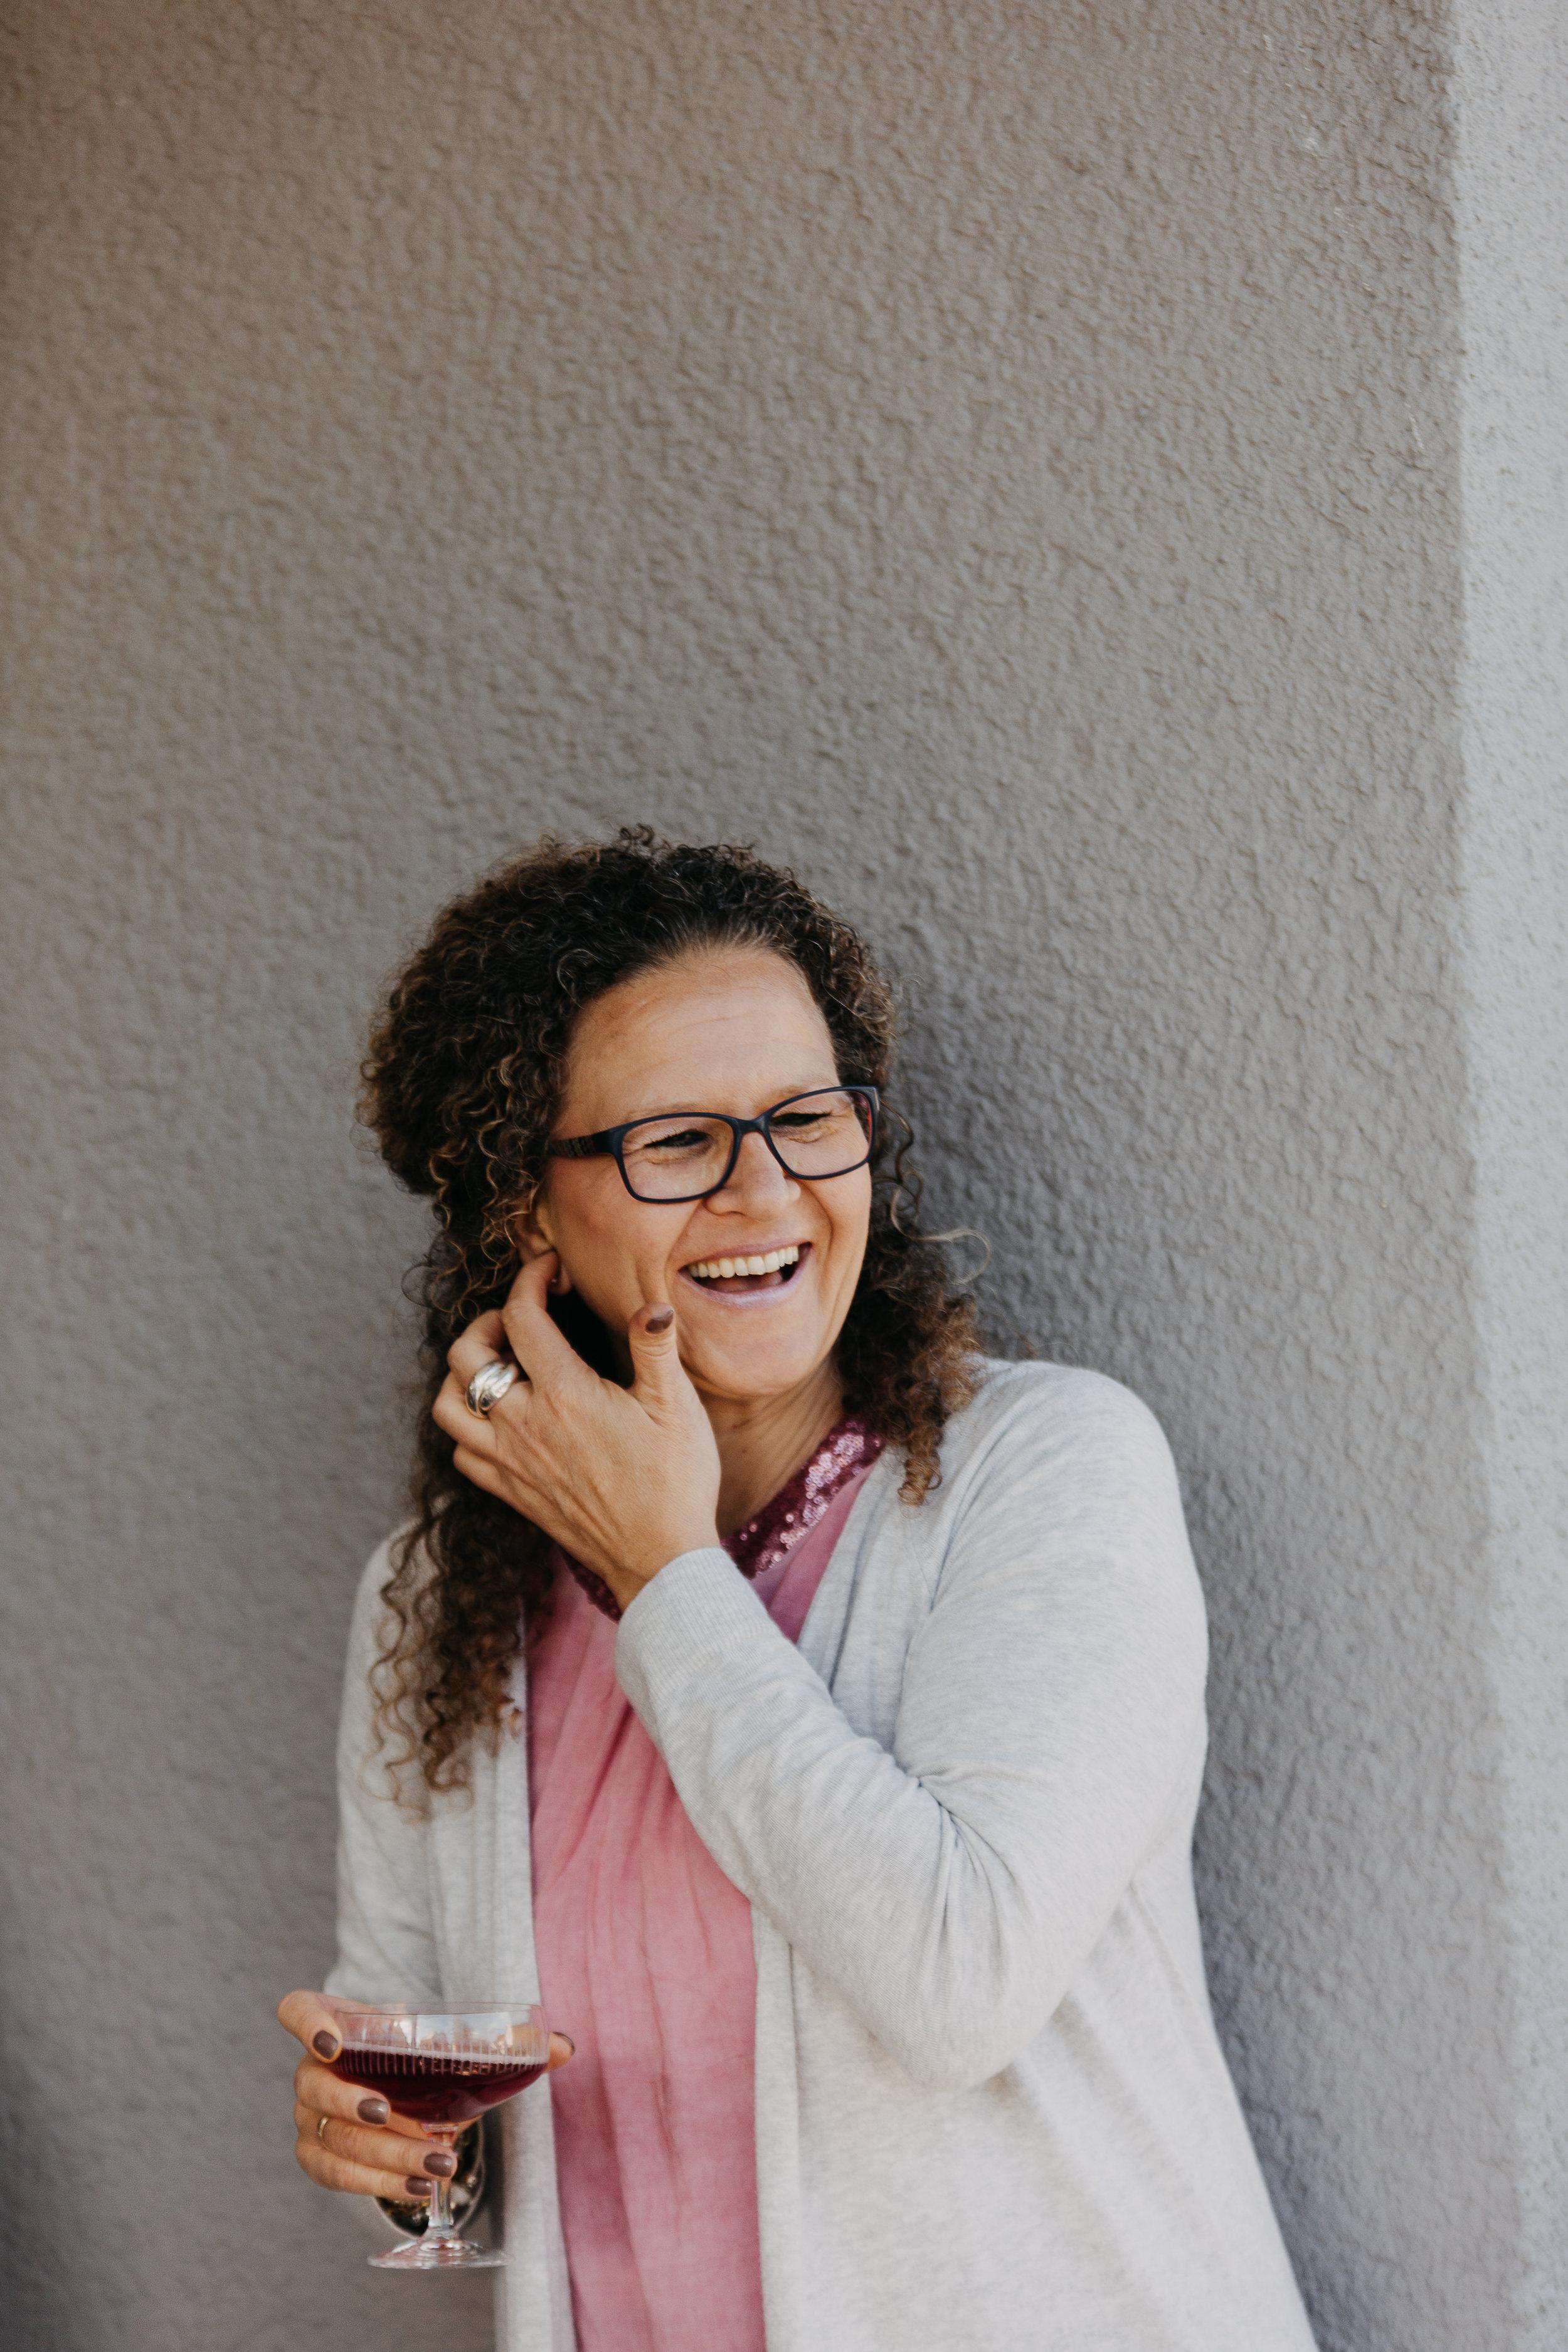 Claudia ist die Perle in unserem Büro. Alle genießen ihre Wärme und Spontanität - und manchmal auch ihr Frechsein!